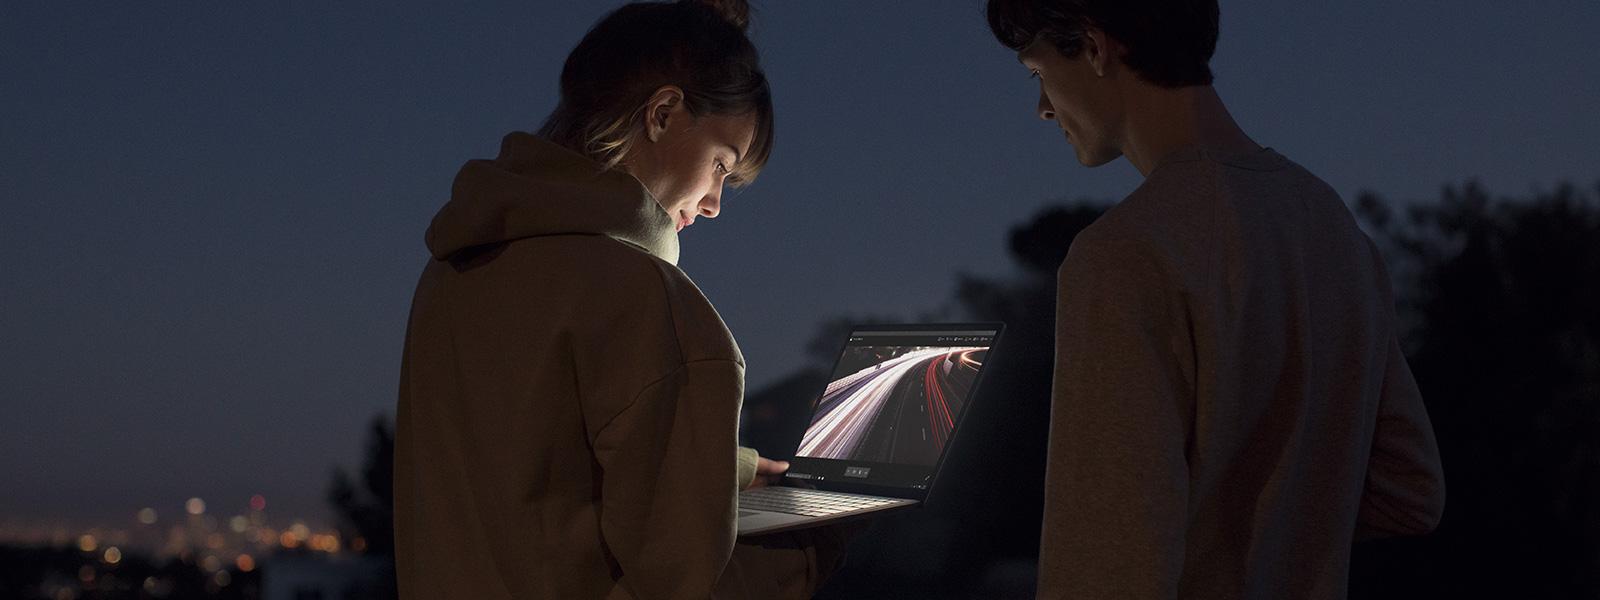 Två personer som använder Surface i mörkret.